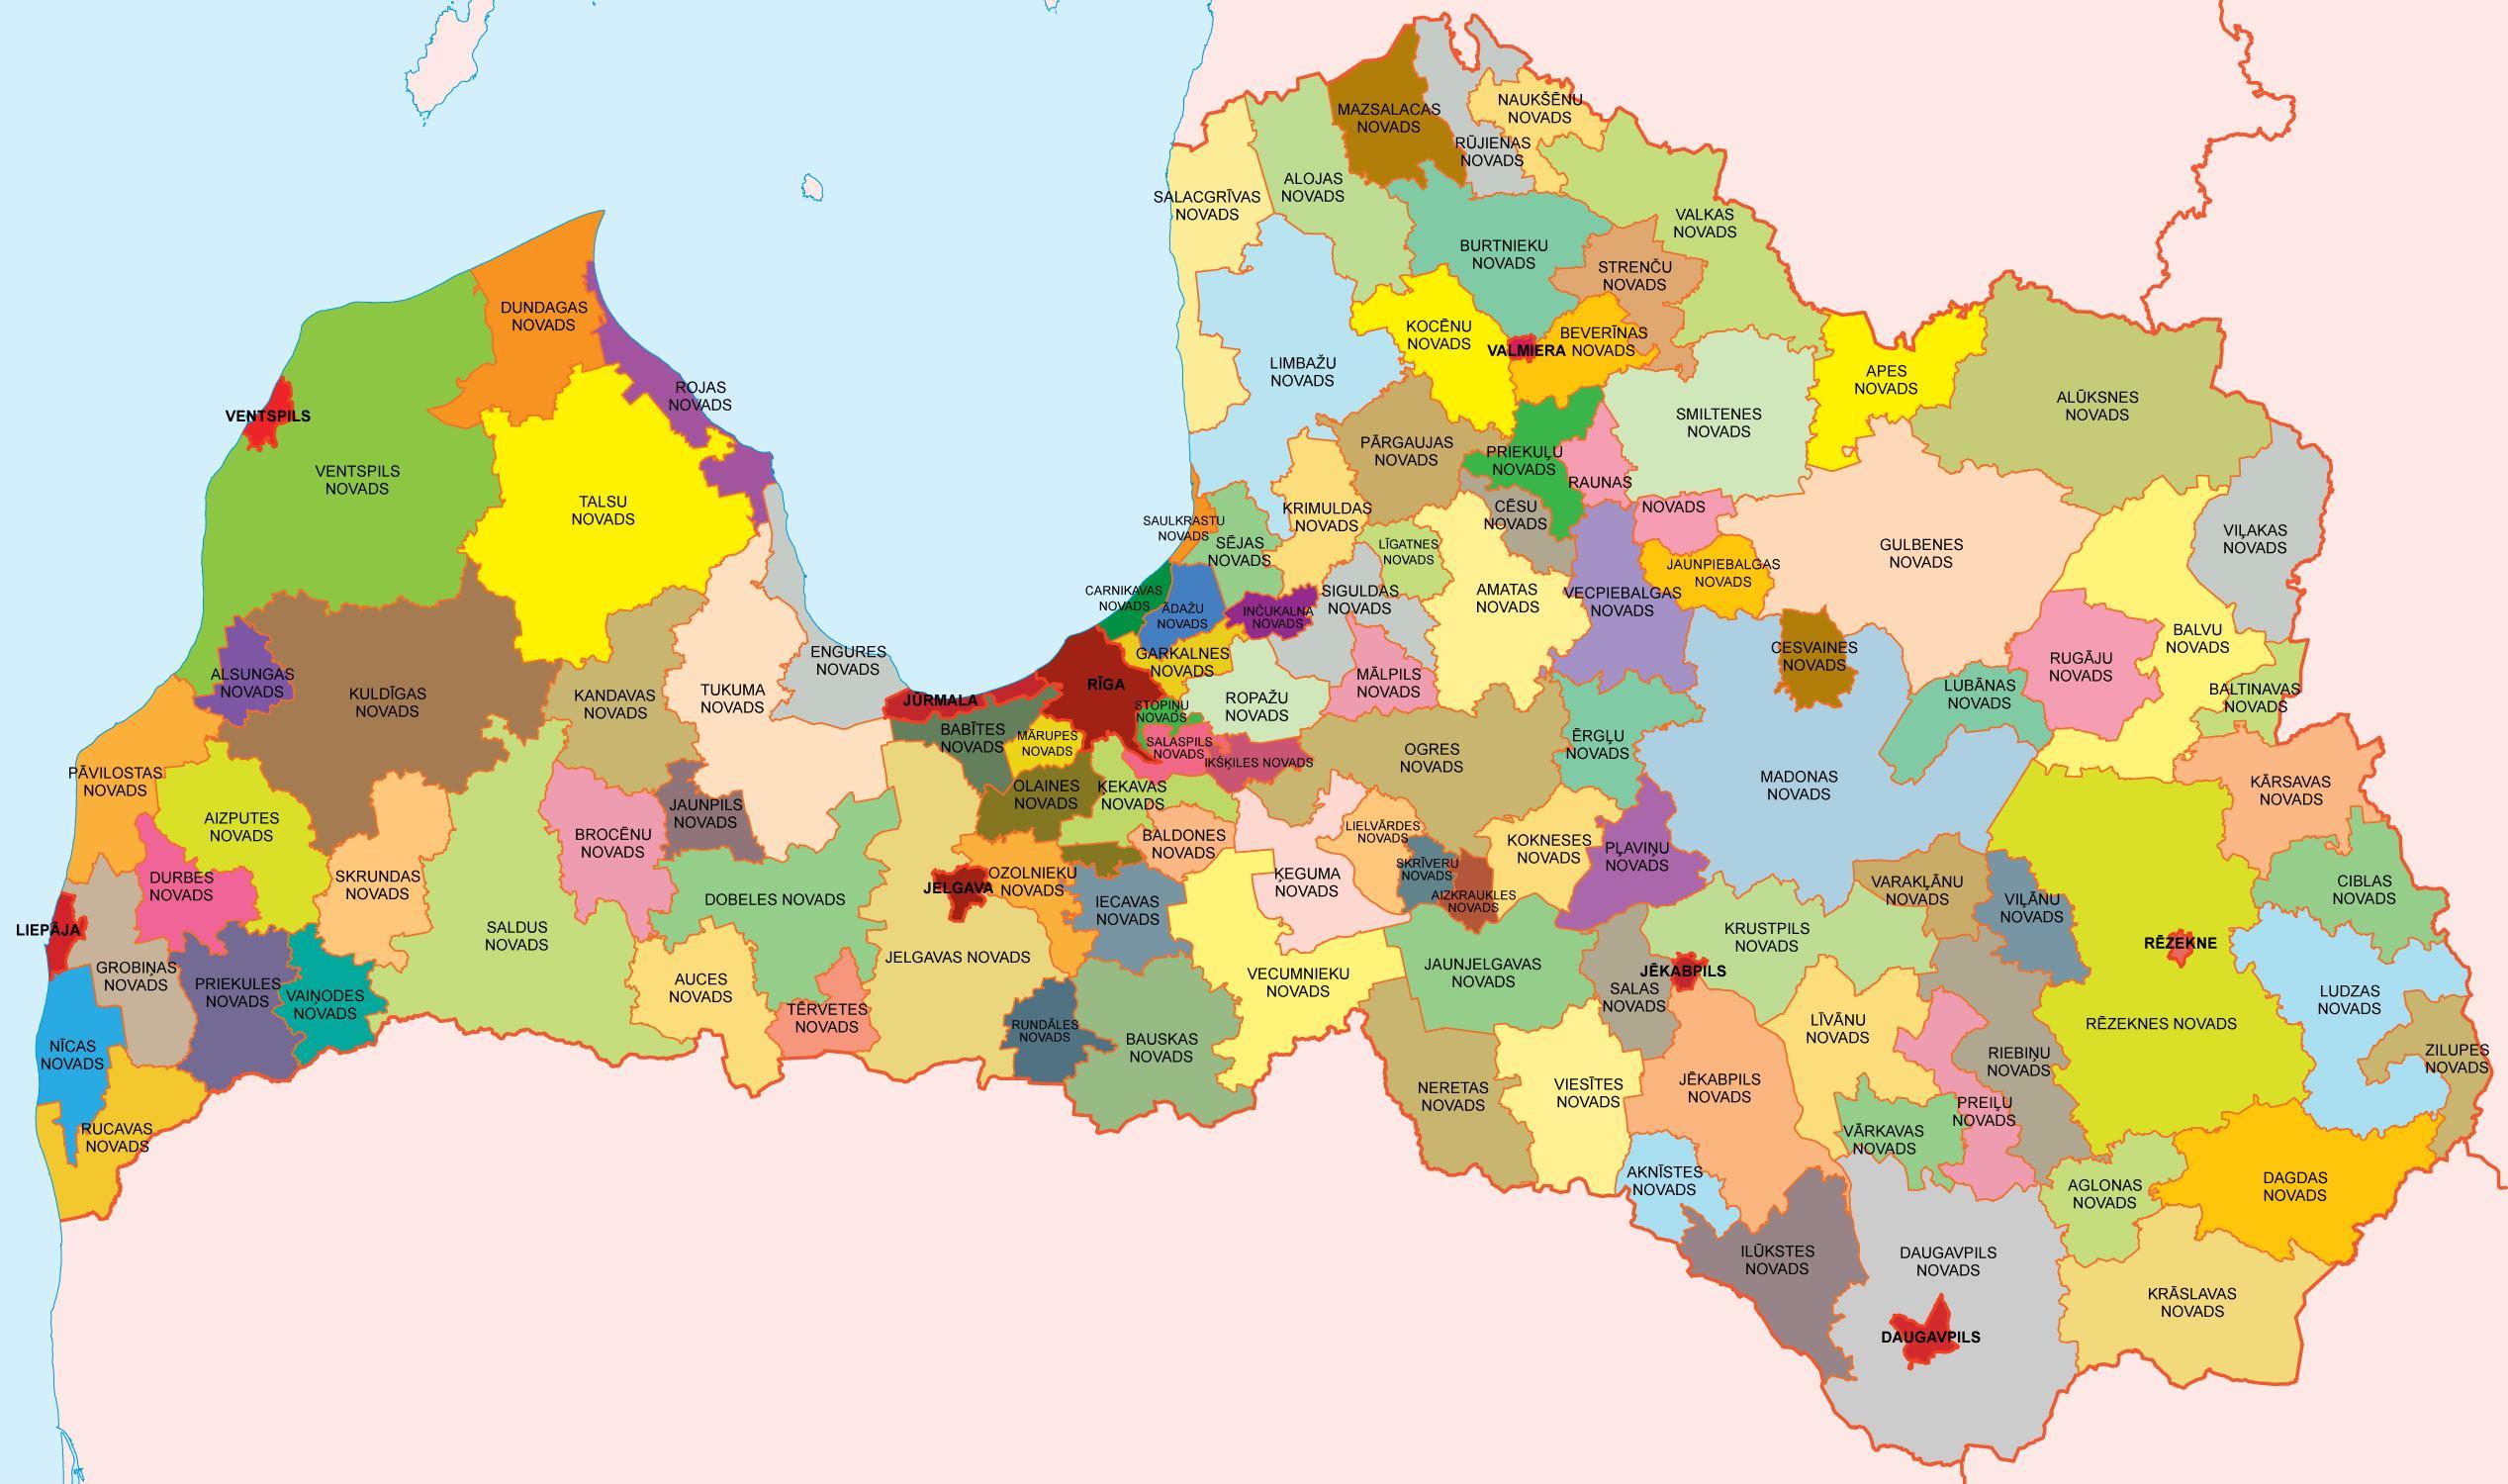 Mapa de Letonia  Organizacion Territorial Apartir del 1 ro de Julio del 2009 [118 Municipios(109 Municipios y 9 Ciudades)]